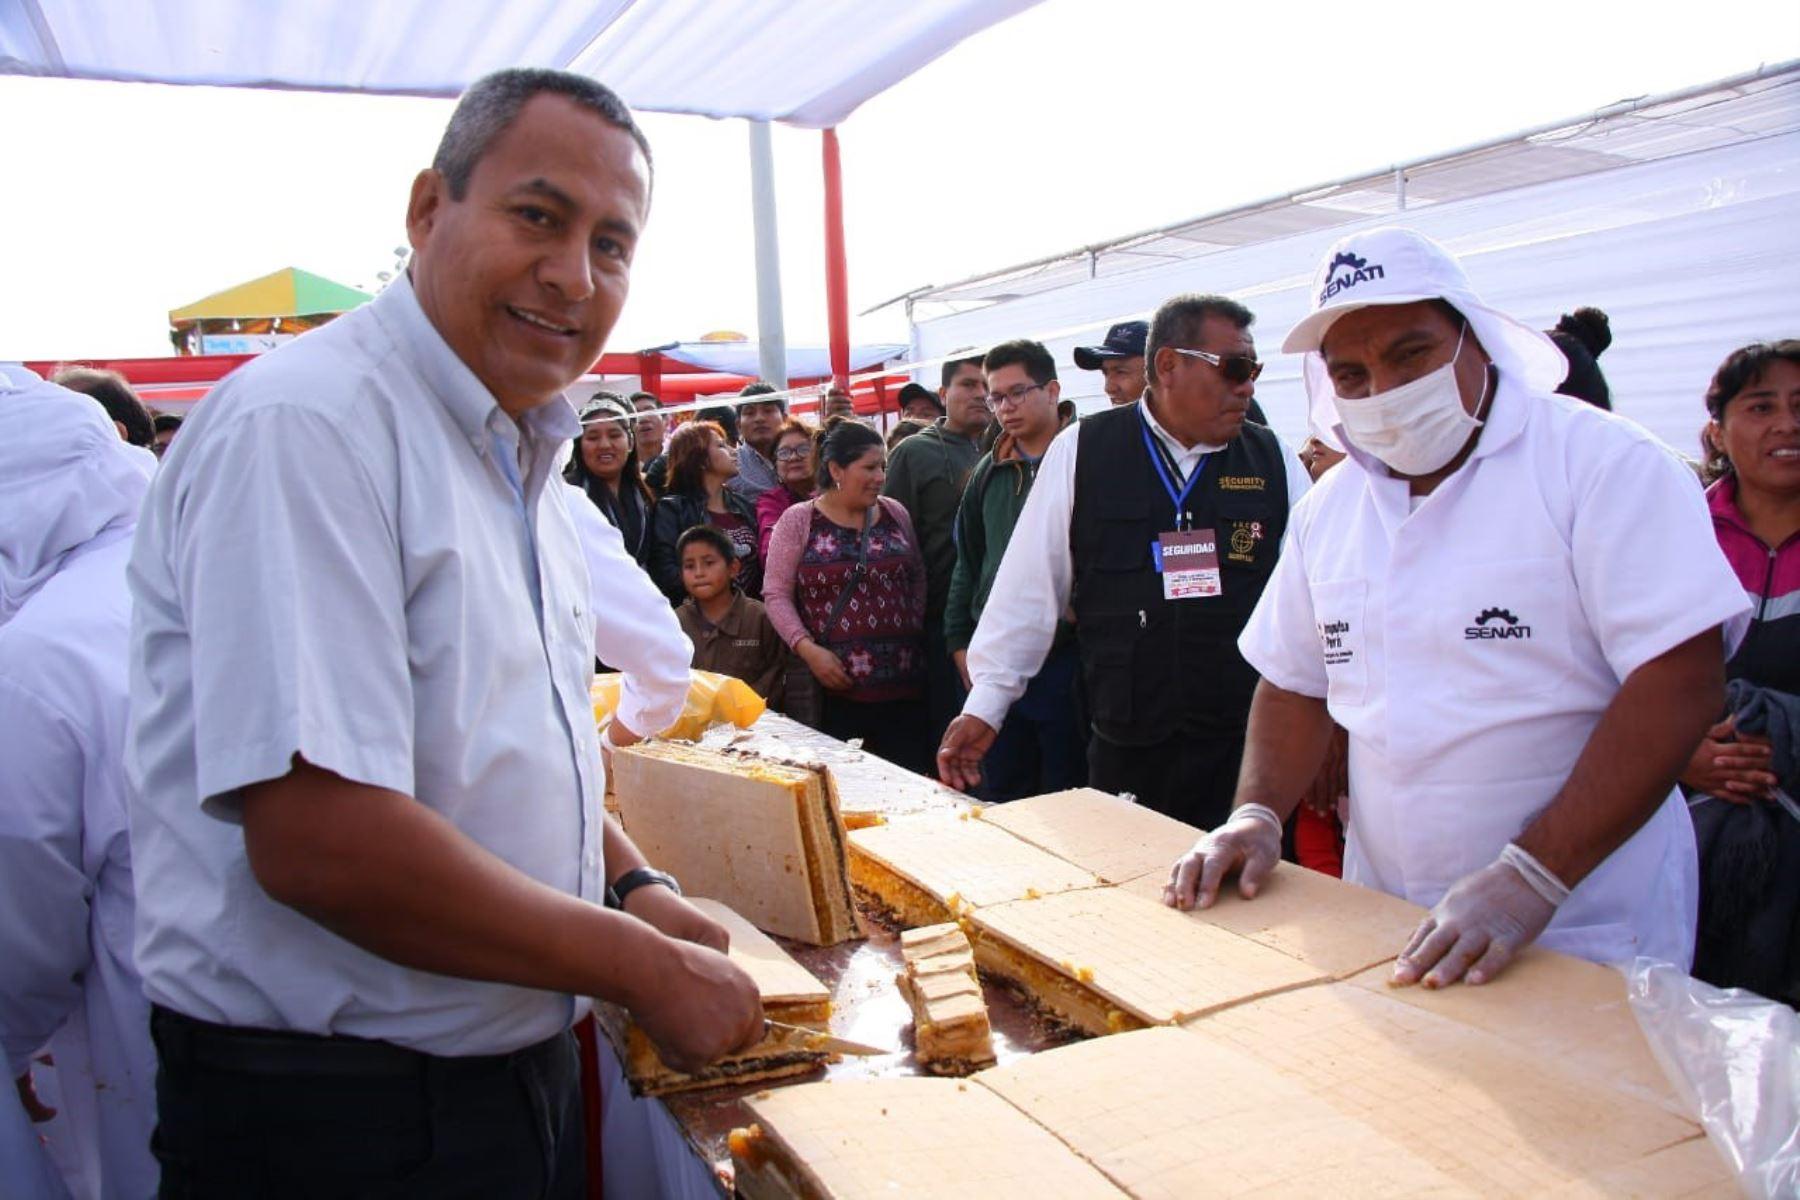 Miles de asistentes a la Feria Cultural, Turística y Empresarial de Lambayeque degustaron tradicional king kong.